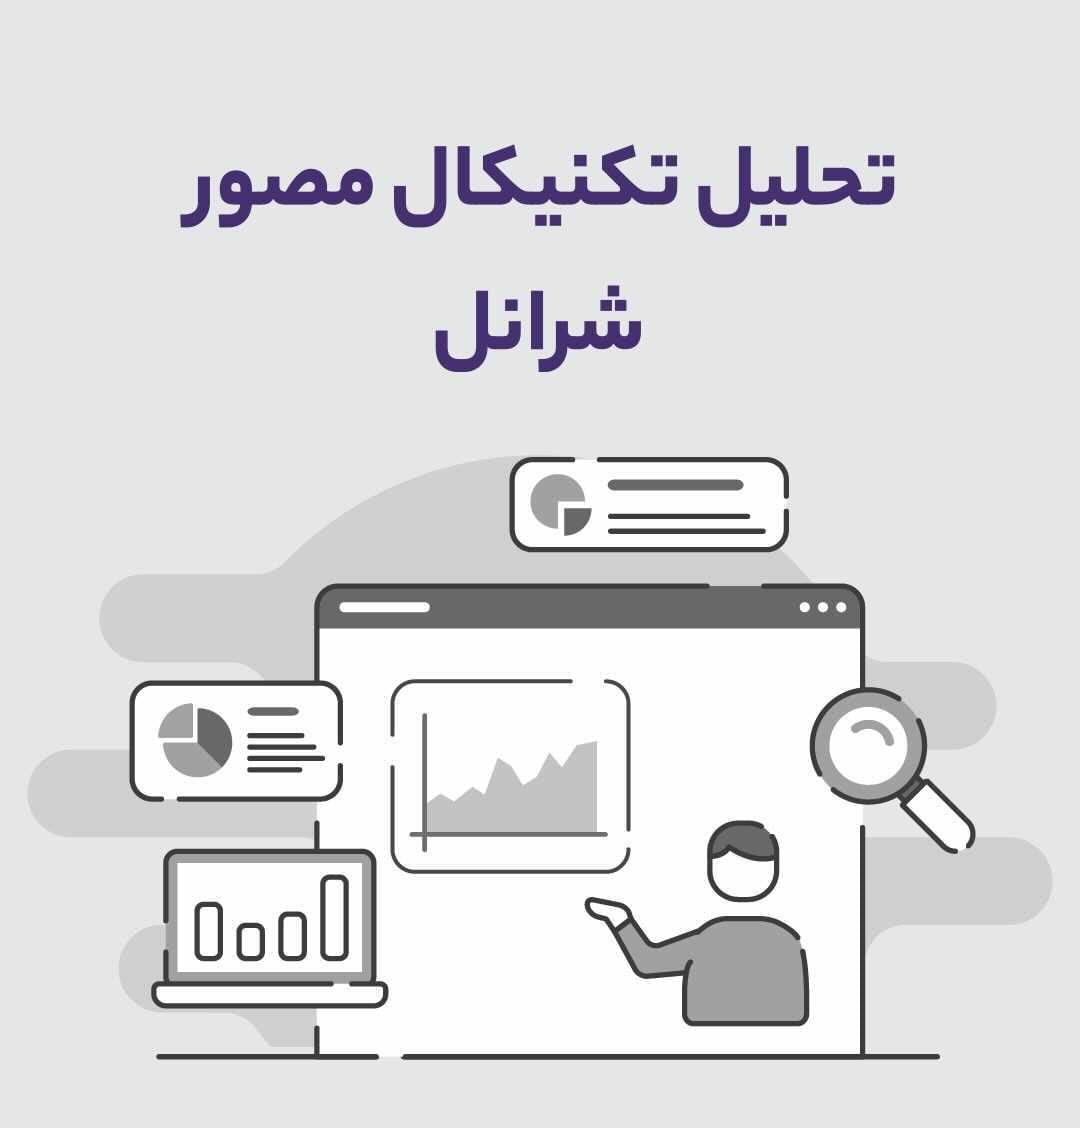 تحلیل تکنیکال ویدئویی سهام شرانل شرکت نفت ایرانول